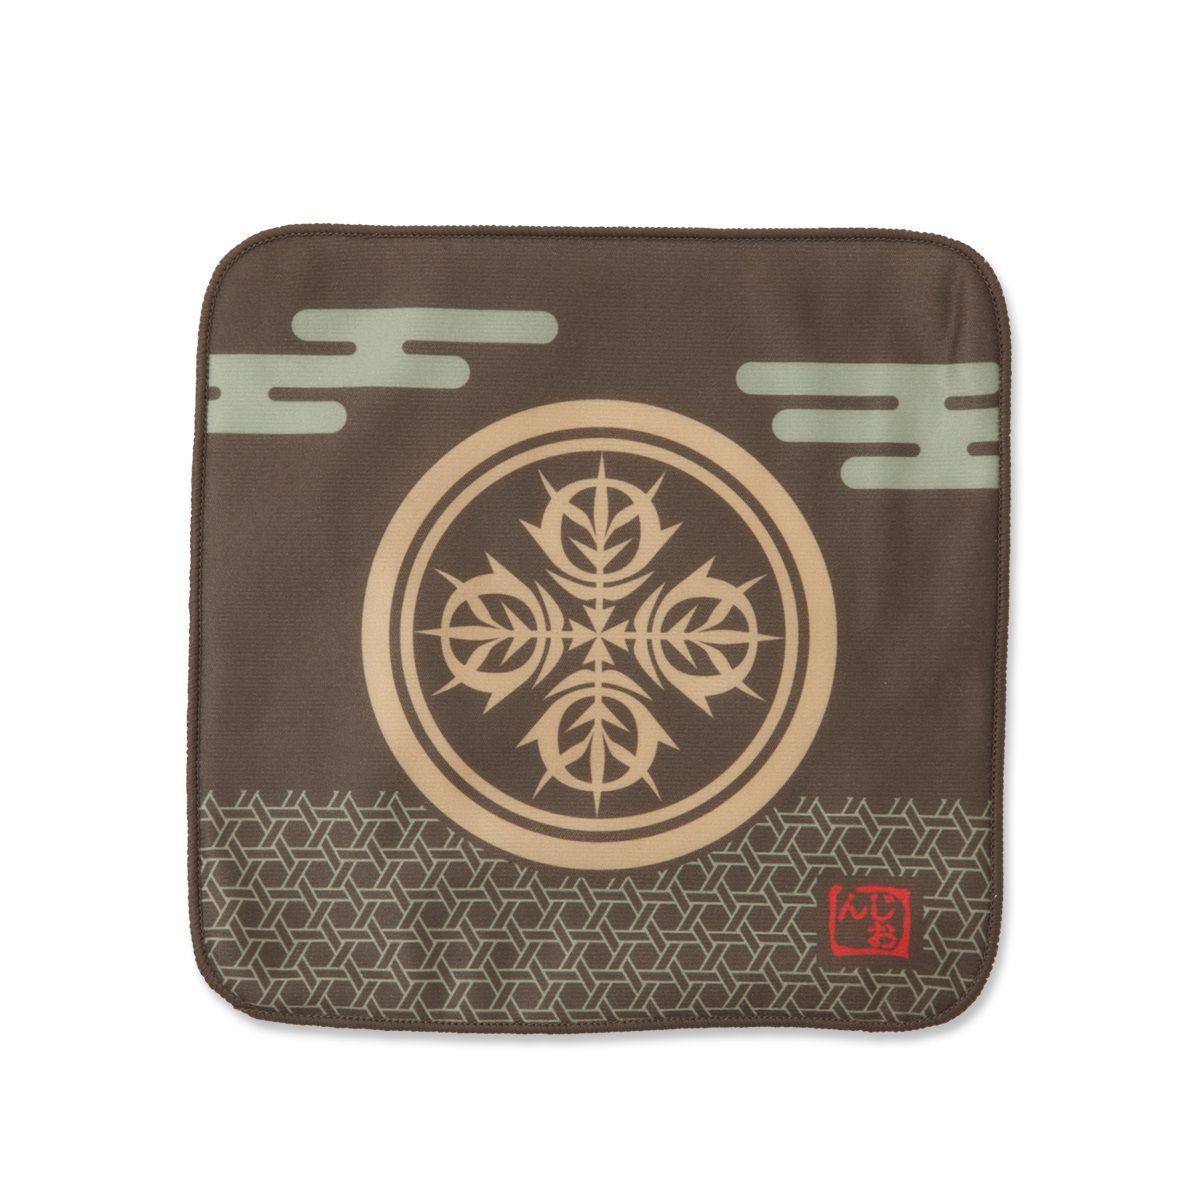 機動戰士高達 家紋圖案手帕